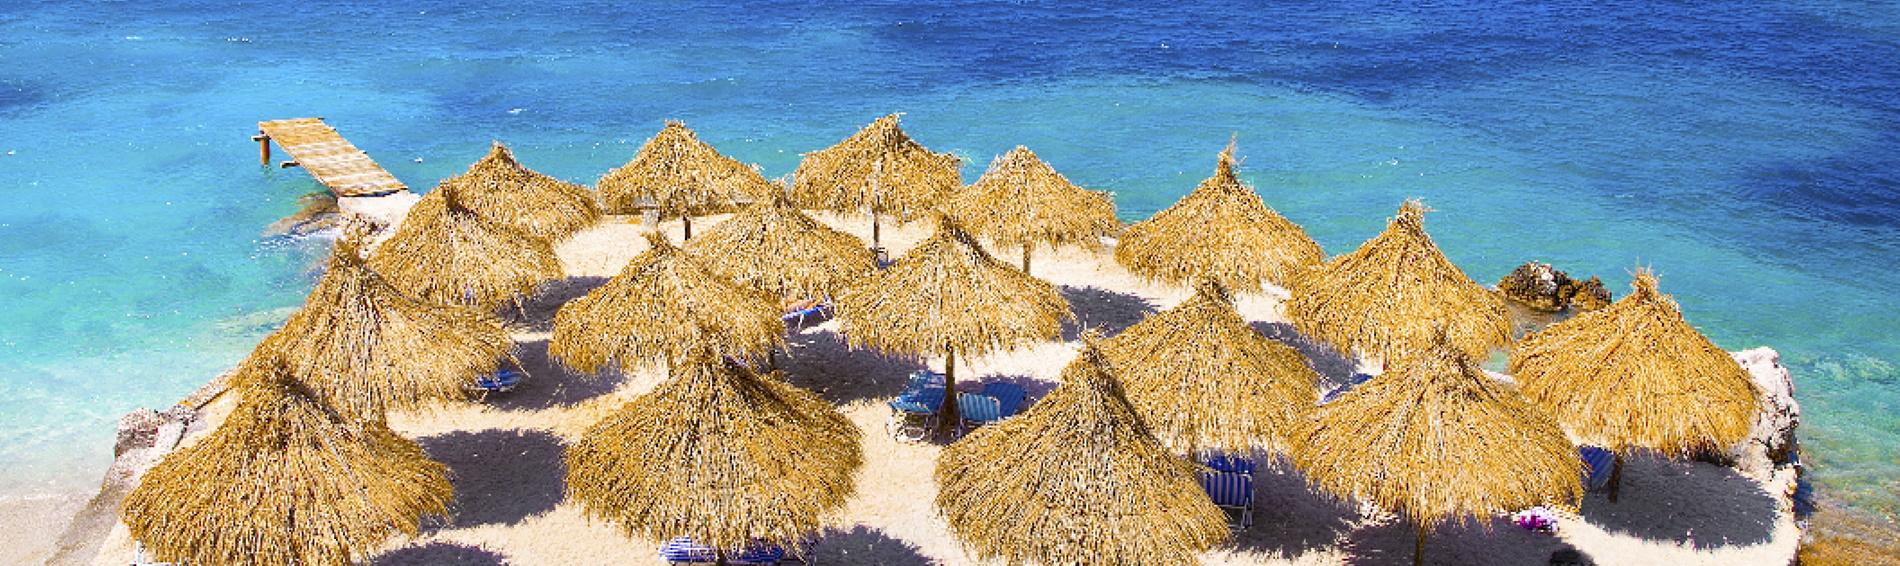 Letovanje Albanija 2021 Drač Vlora Saranda Ksamil Hoteli Cene